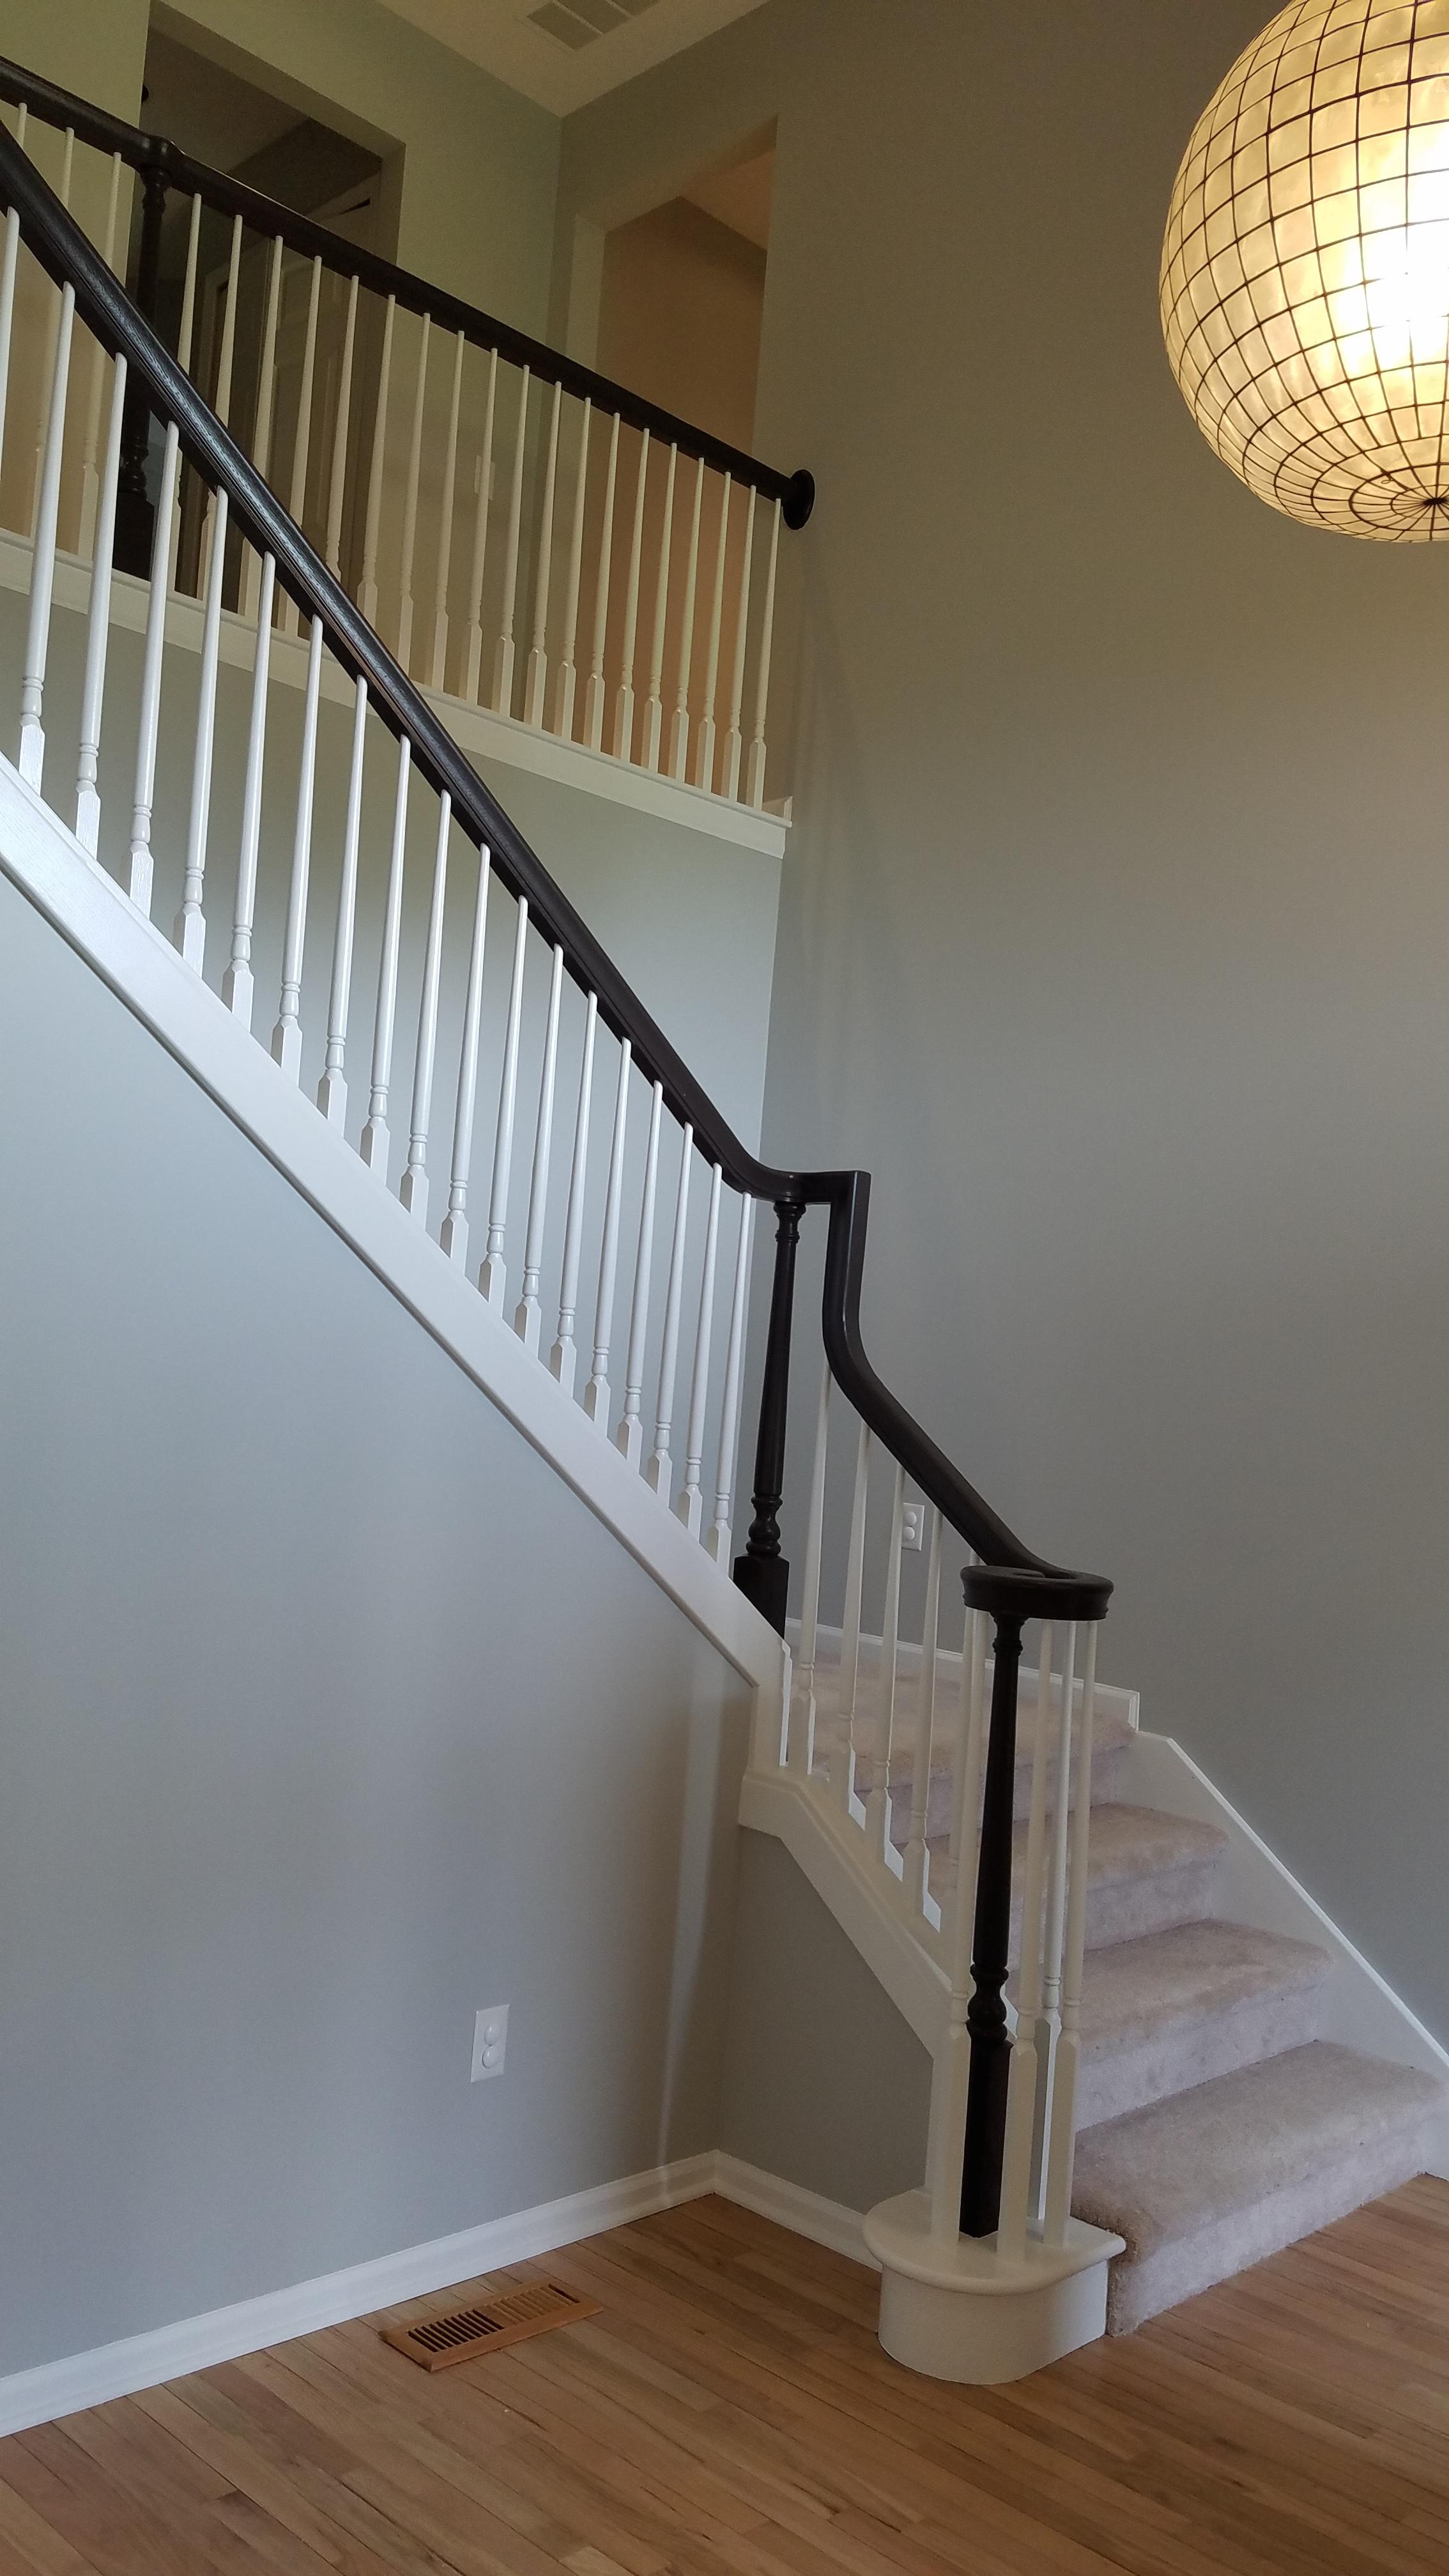 interior handrail 2